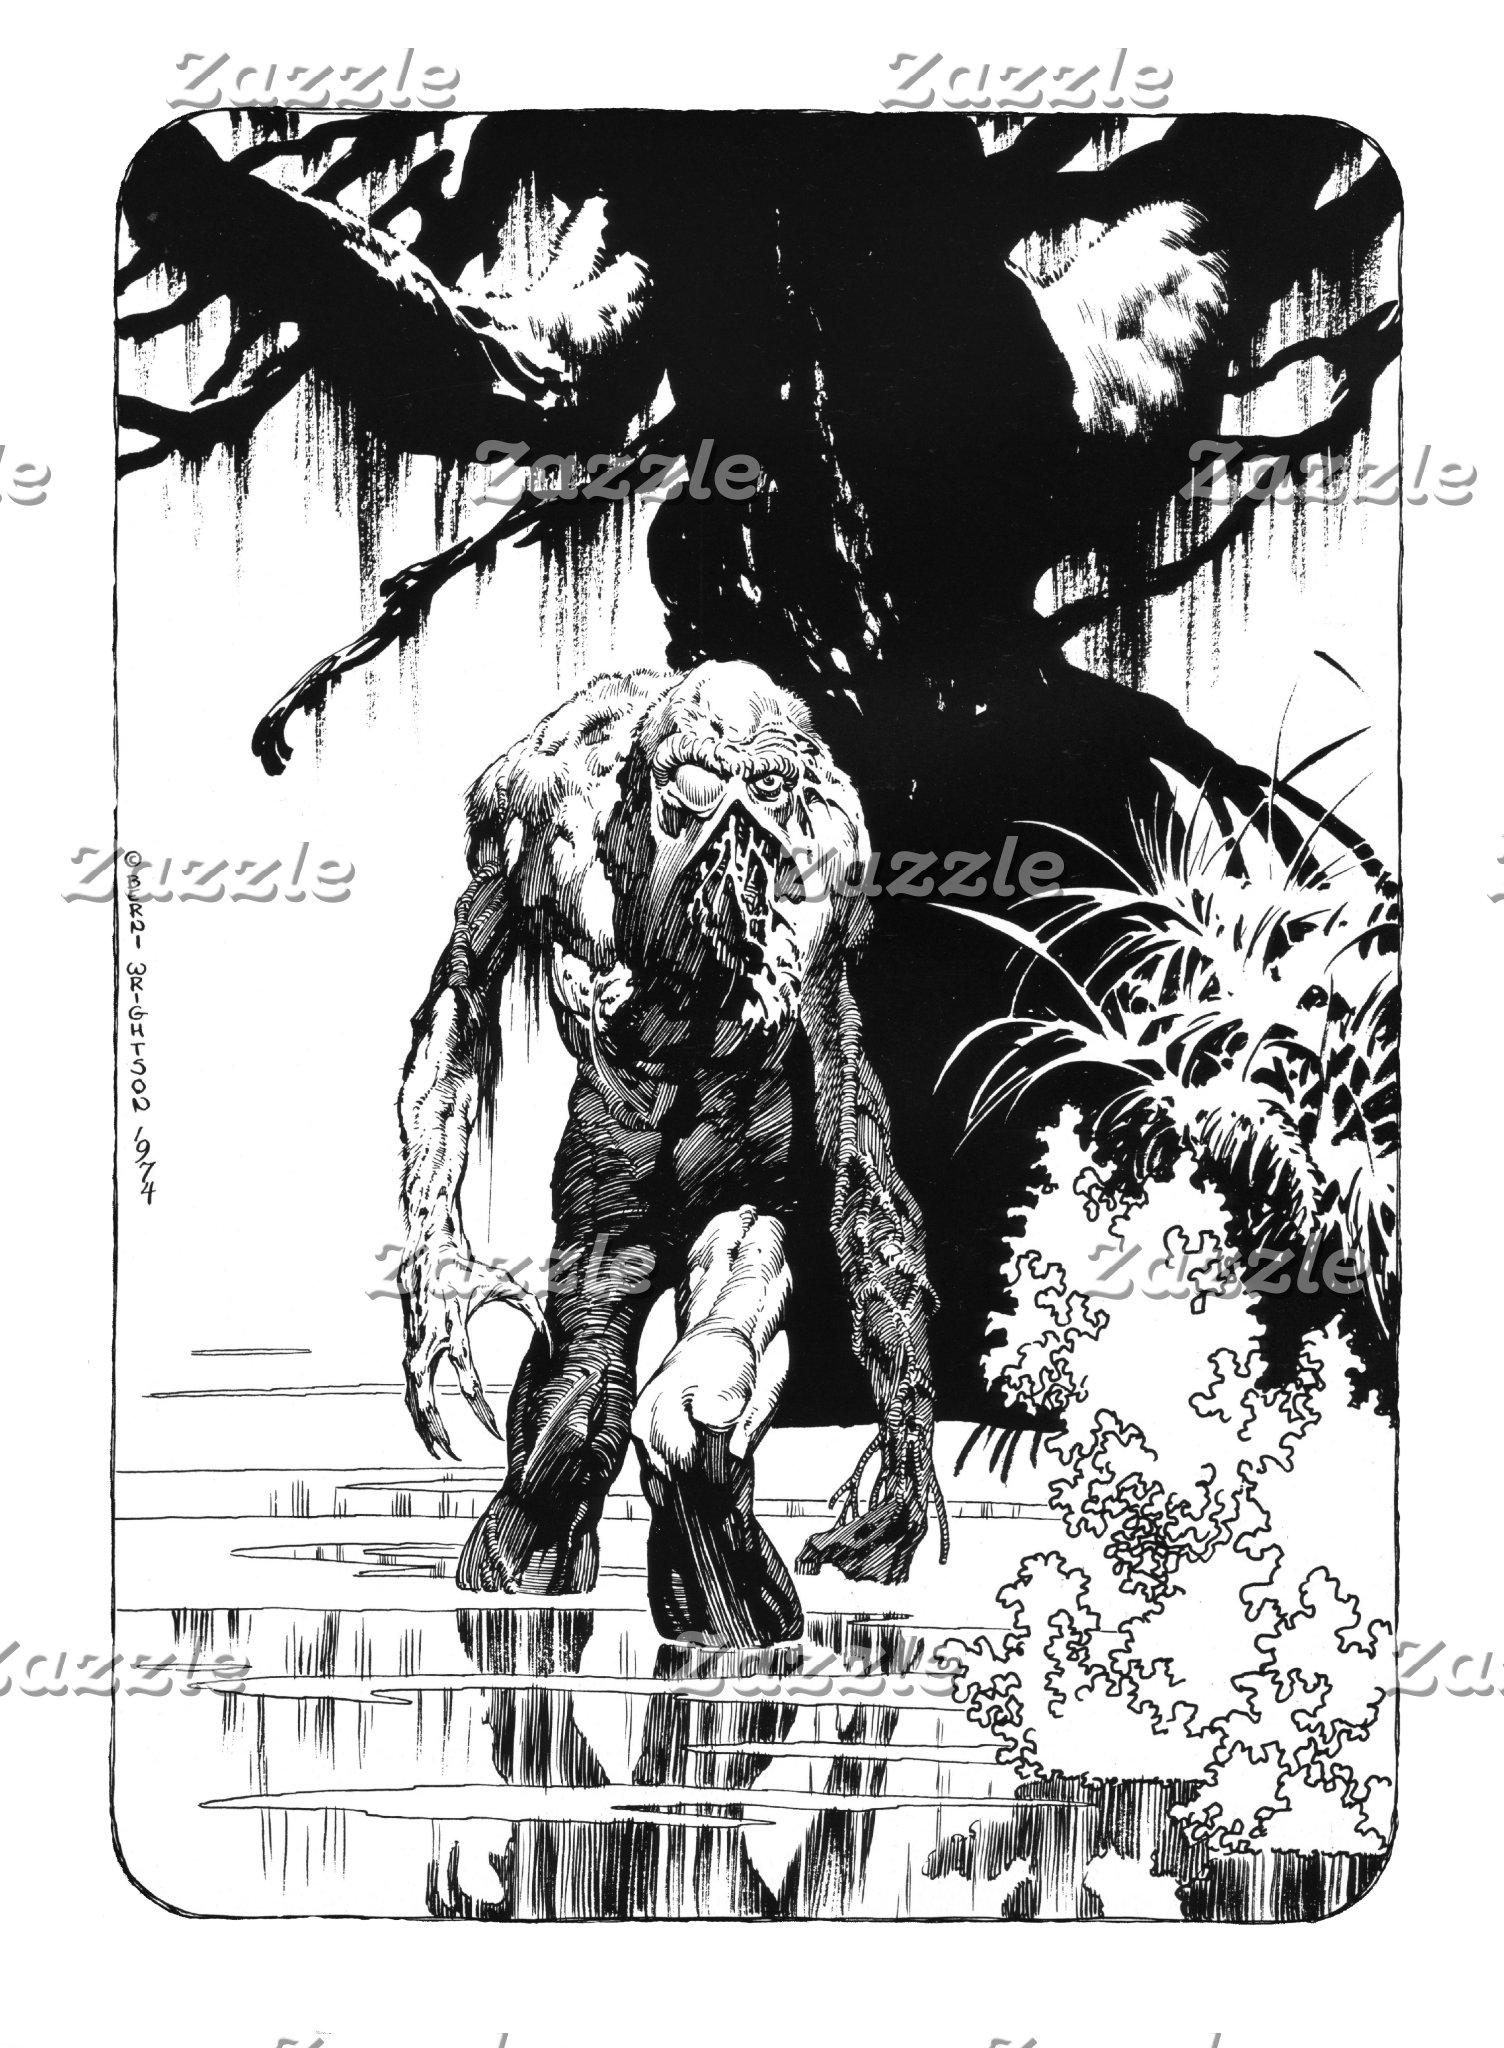 Swamp Zombie